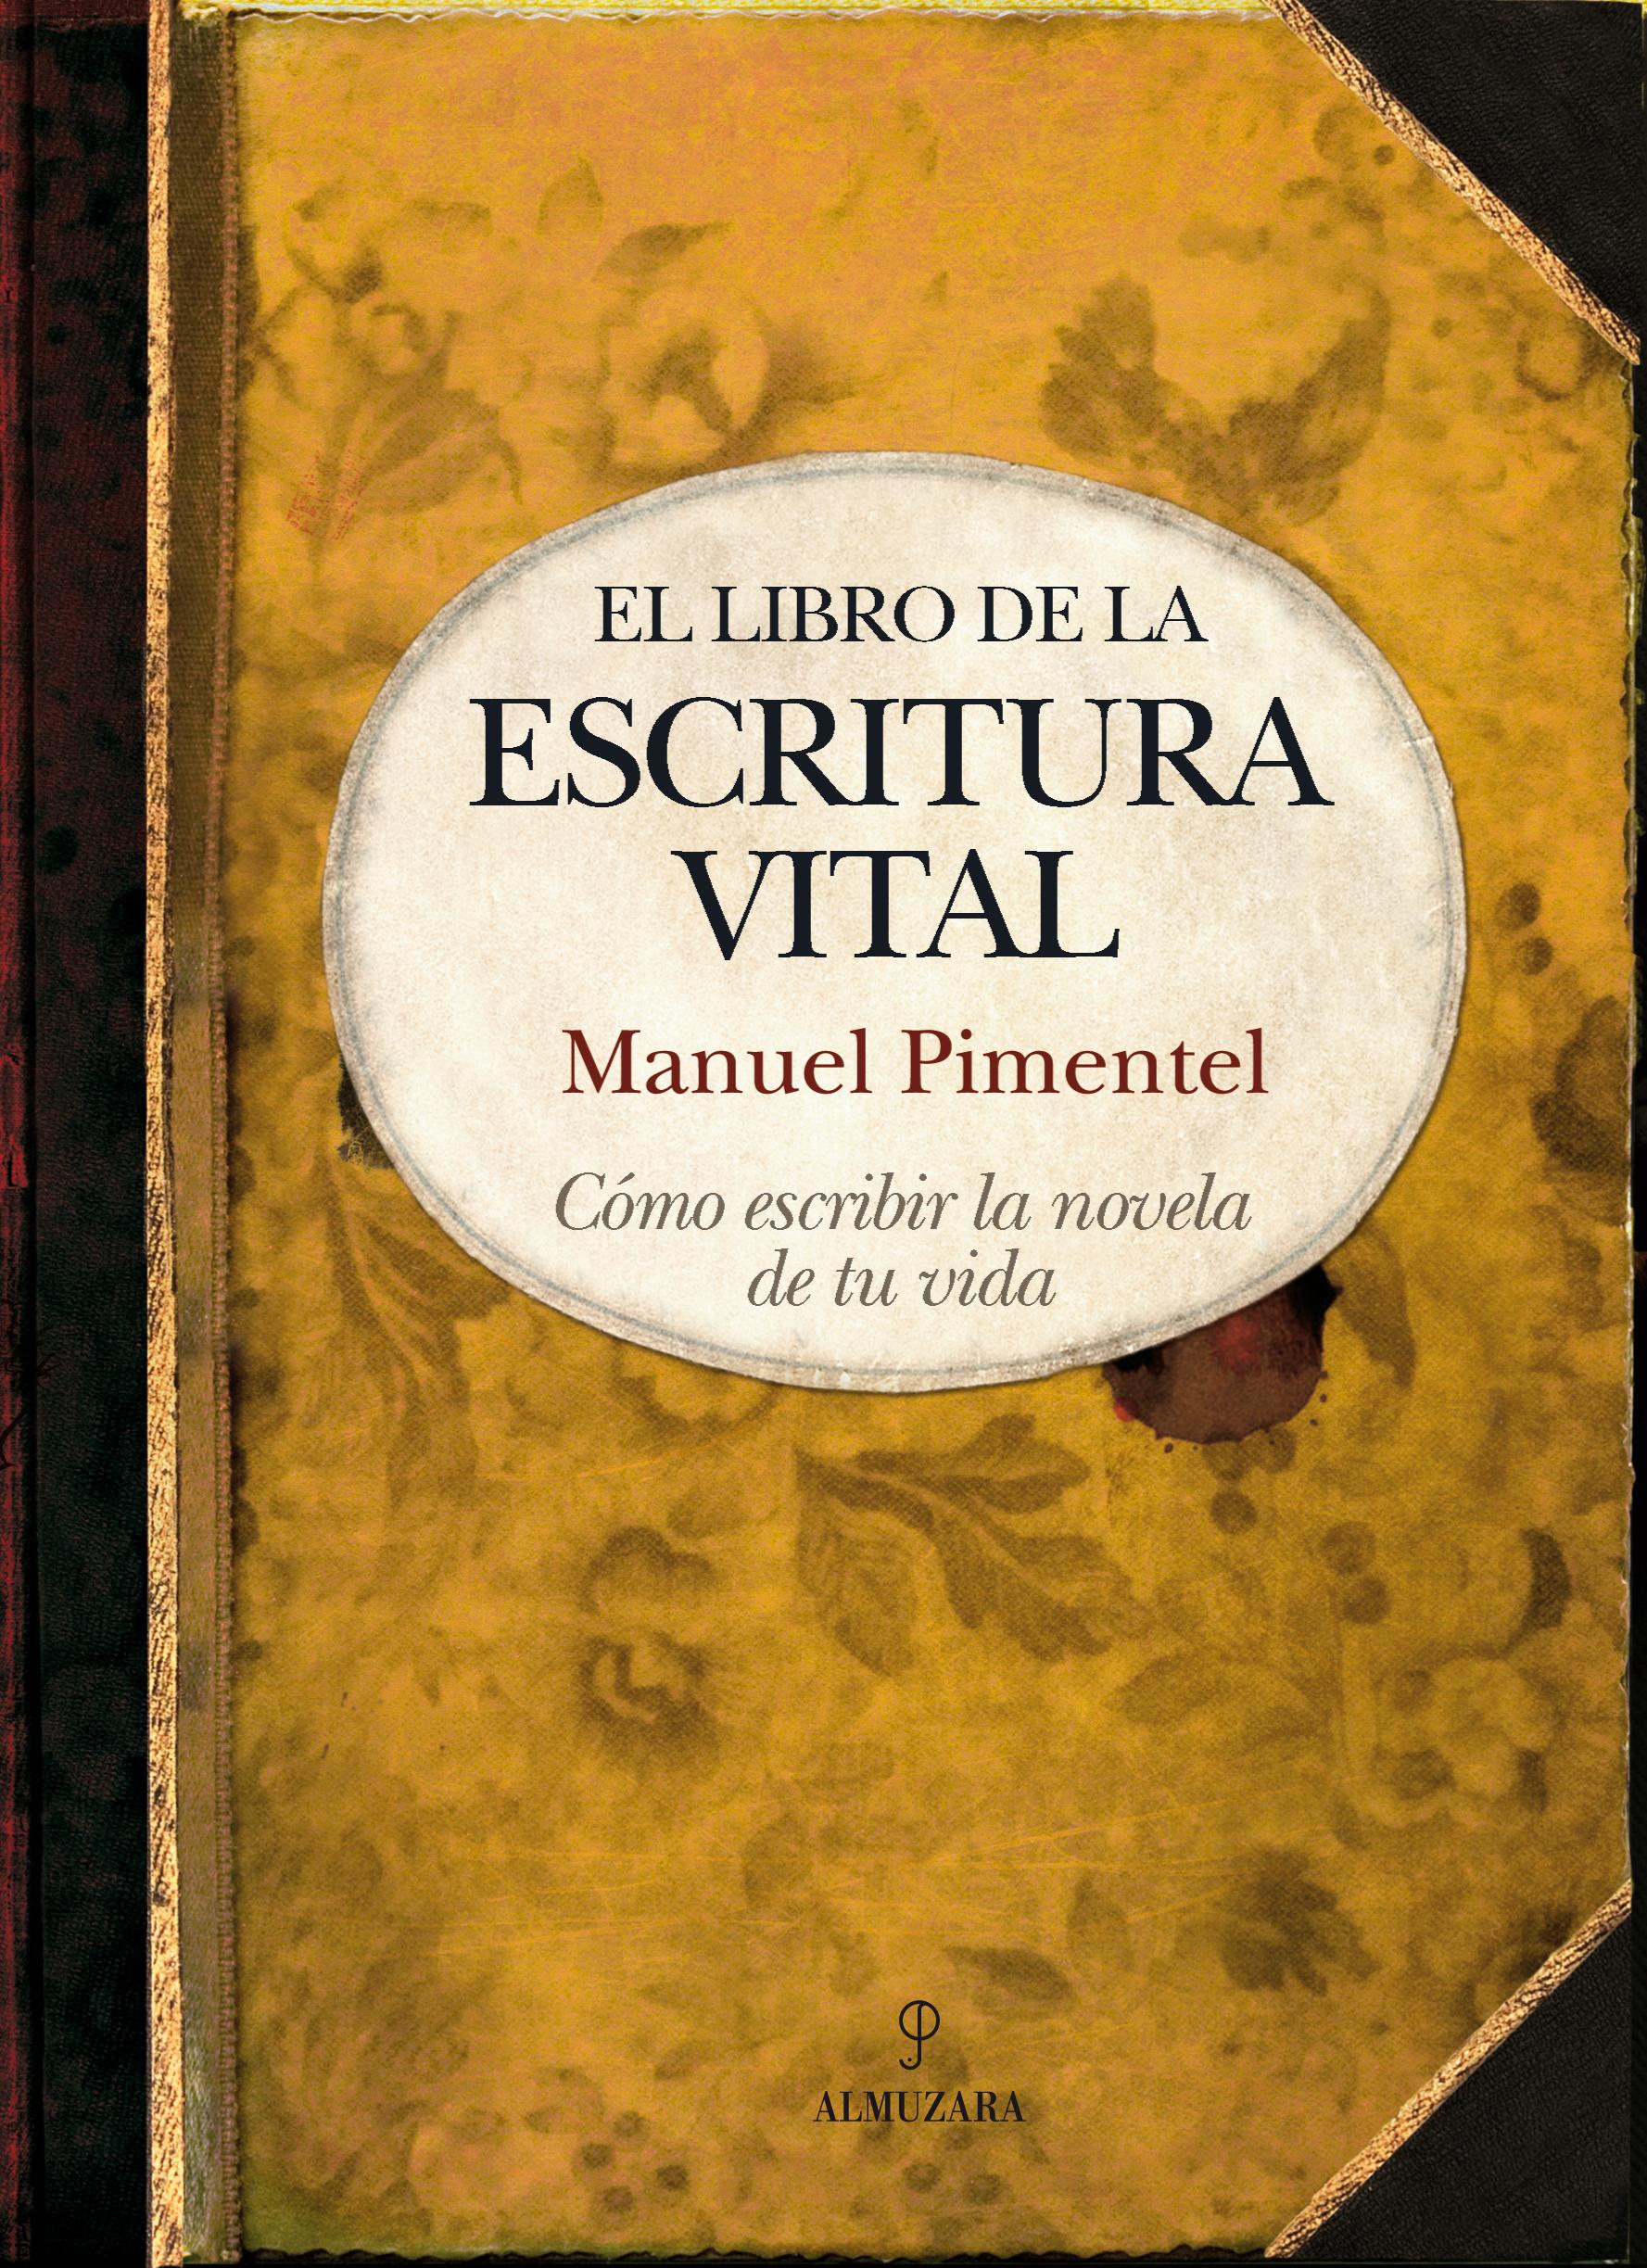 EL LIBRO DE LA ESCRITURA VITAL : CÓMO ESCRIBIR LA NOVELA DE TU VIDA